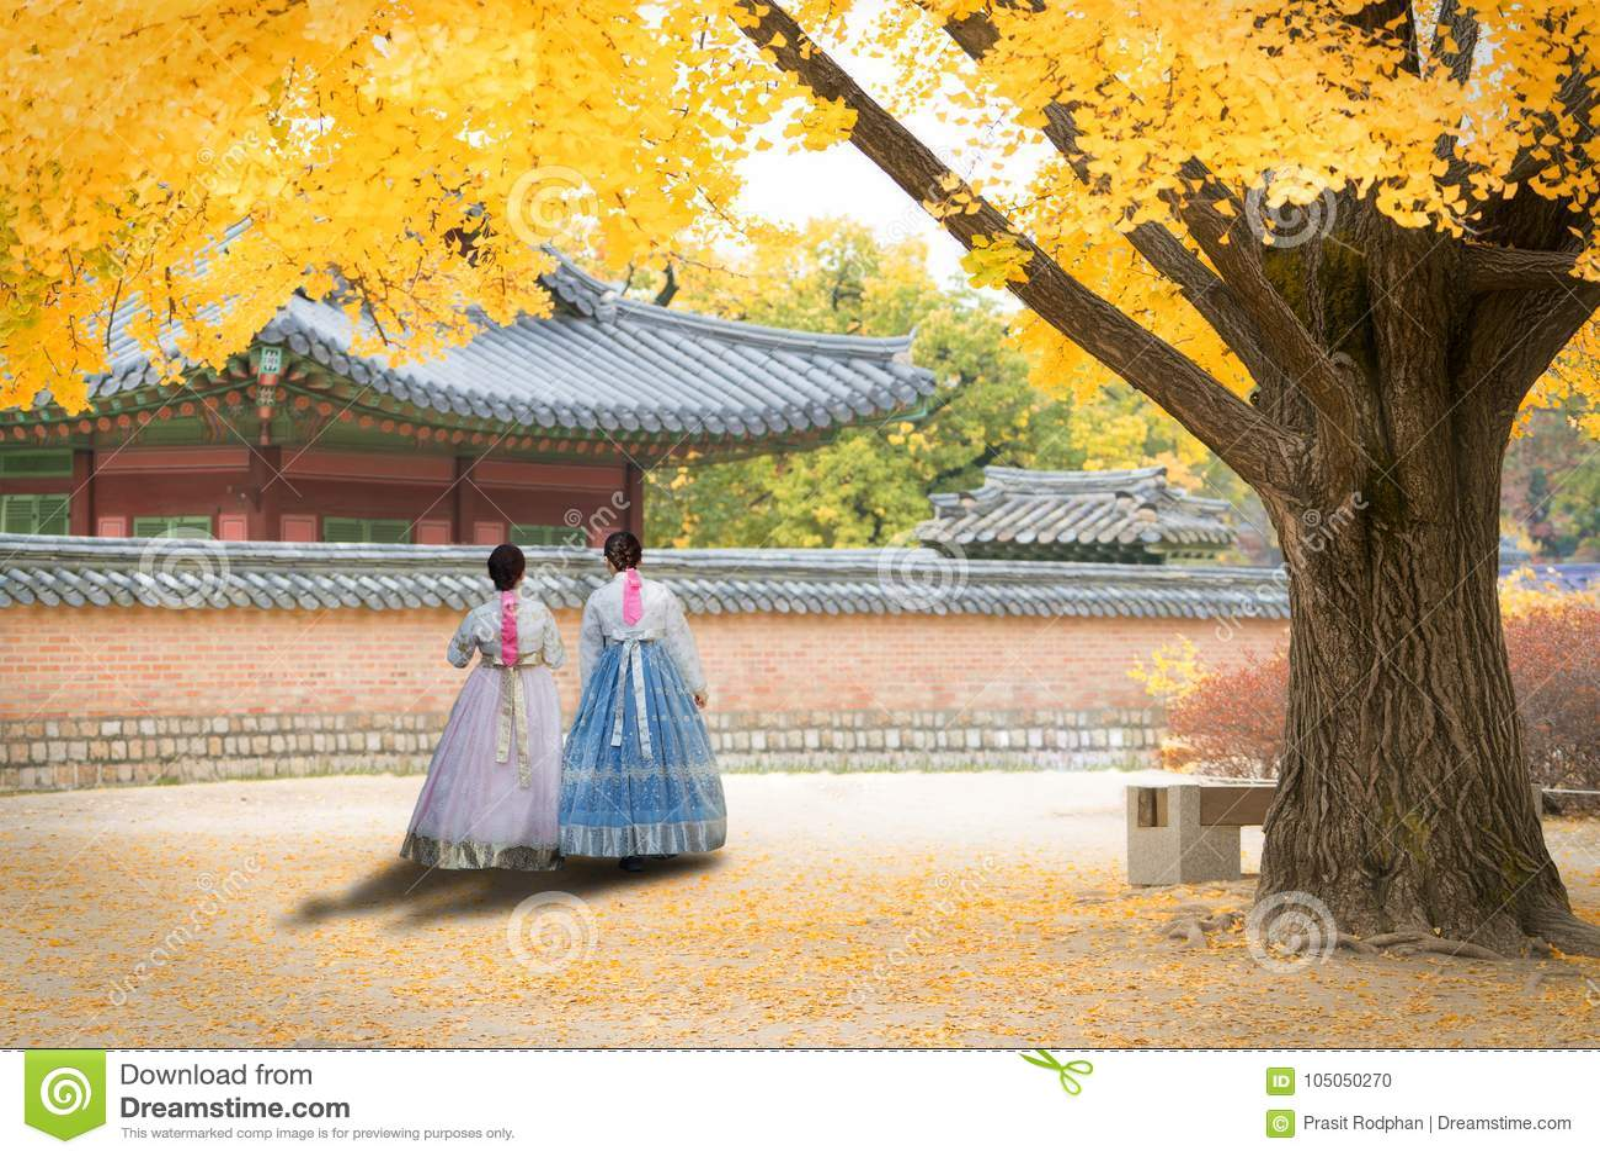 Aziatische Koreaanse vrouw geklede Hanbok in traditionele kleding die I lopen